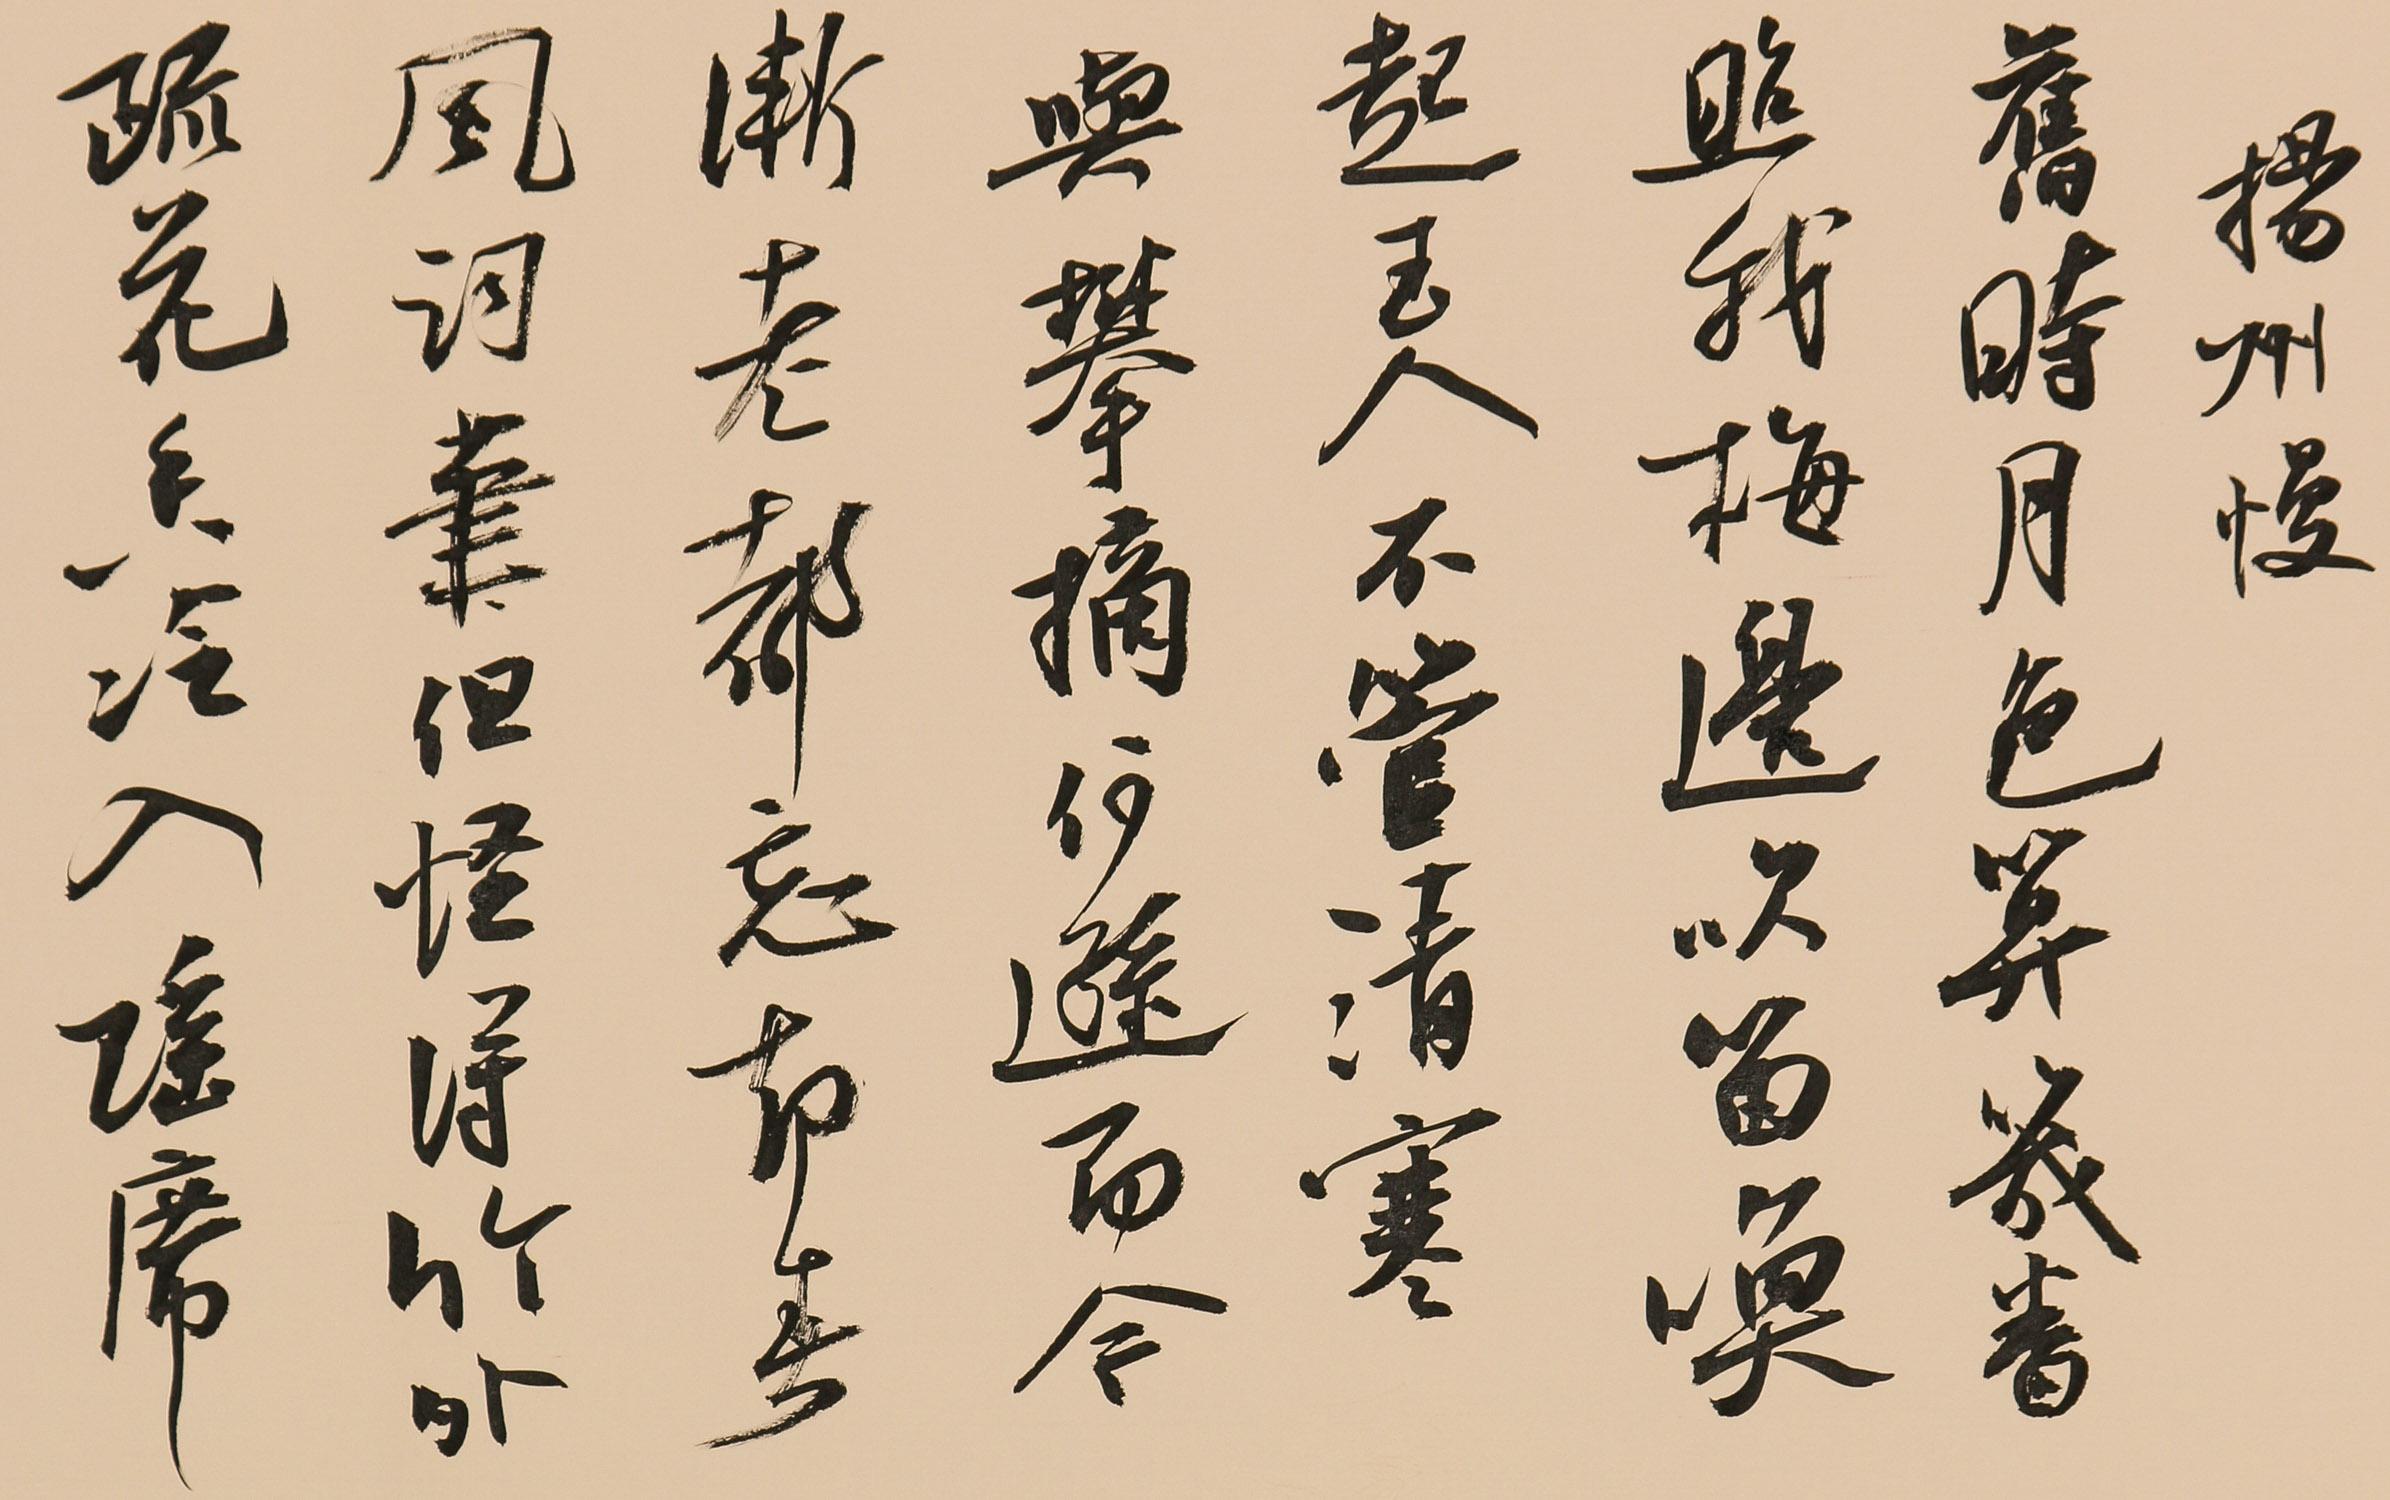 毛笔书法展_书法展模板下载_千广网设计模板免费下载千广